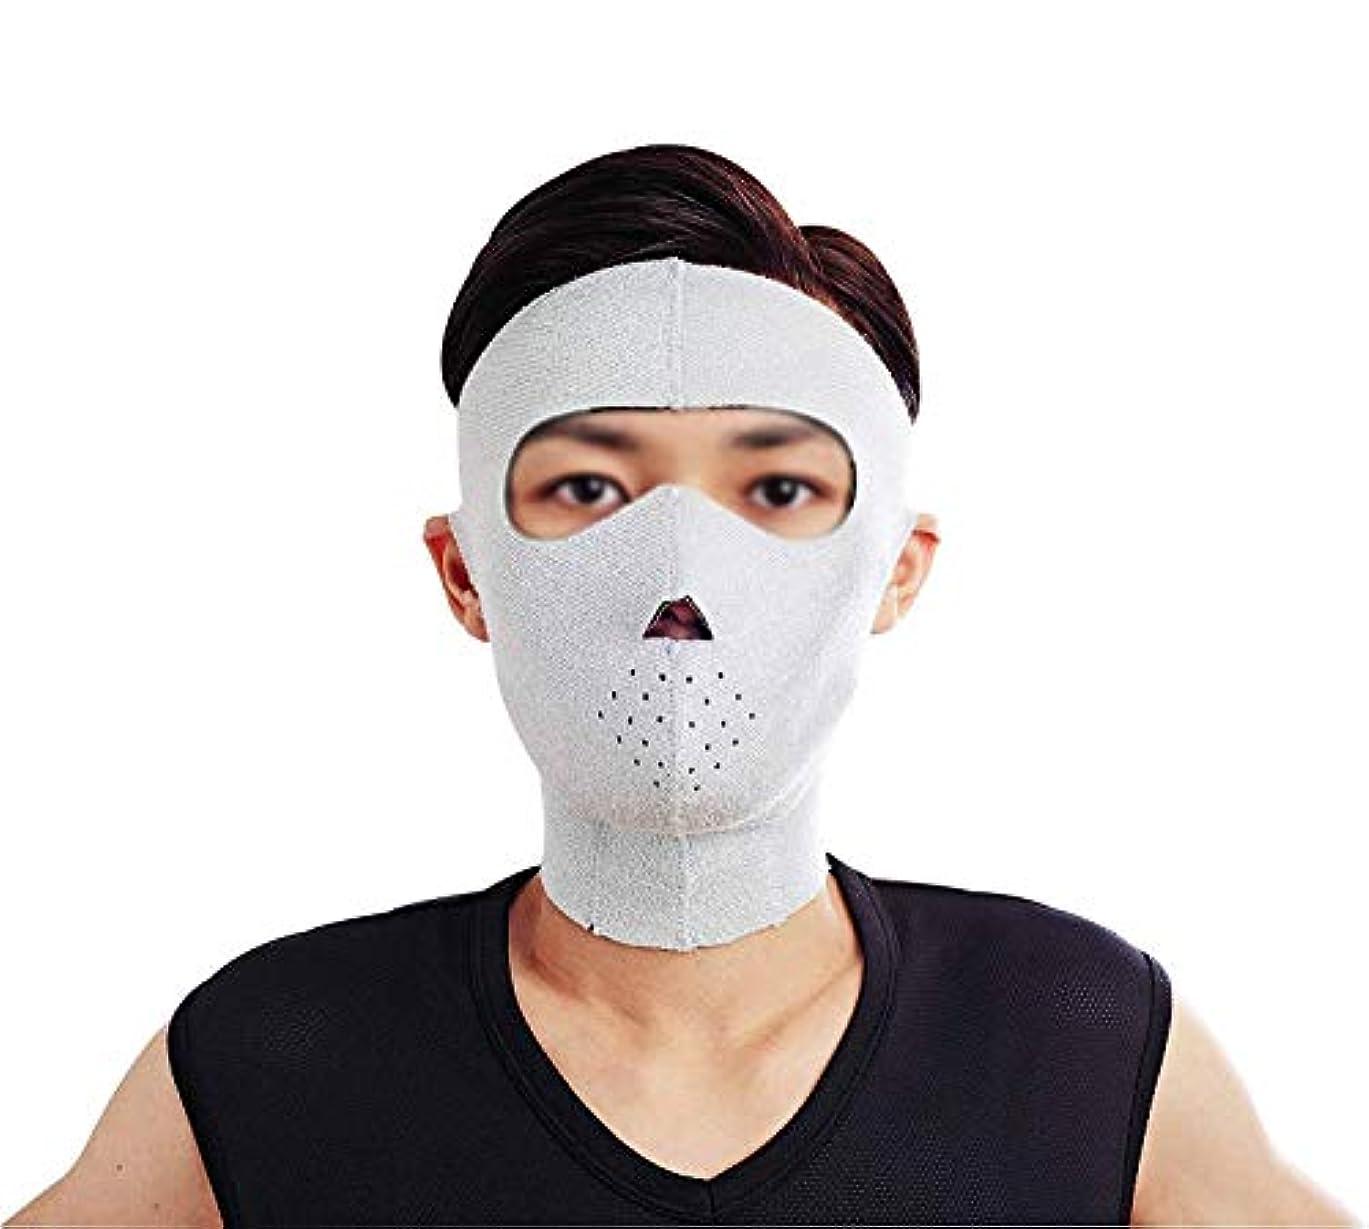 前者背骨悔い改めフェイスリフトマスク、フェイシャルマスクプラス薄いフェイスマスクタイトなたるみの薄いフェイスマスクフェイシャル薄いフェイスマスクアーティファクトビューティー男性ネックストラップ付き